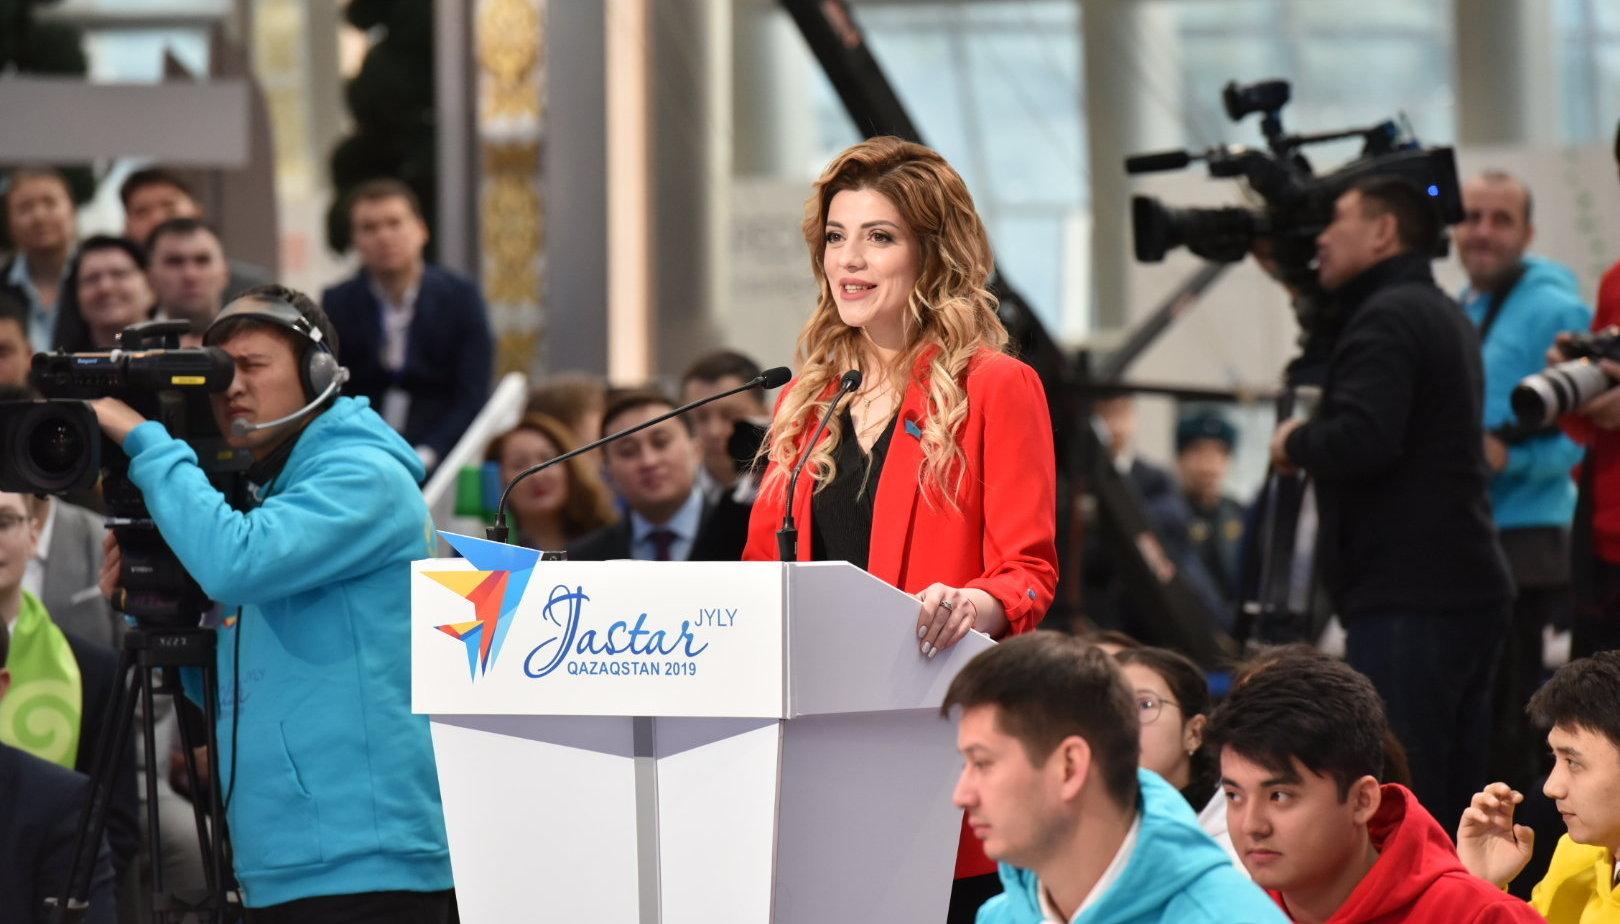 Тамила Розметова, 27-летний фермер, рассказала президенту, что пять лет управляет племенным хозяйством Сарайшык